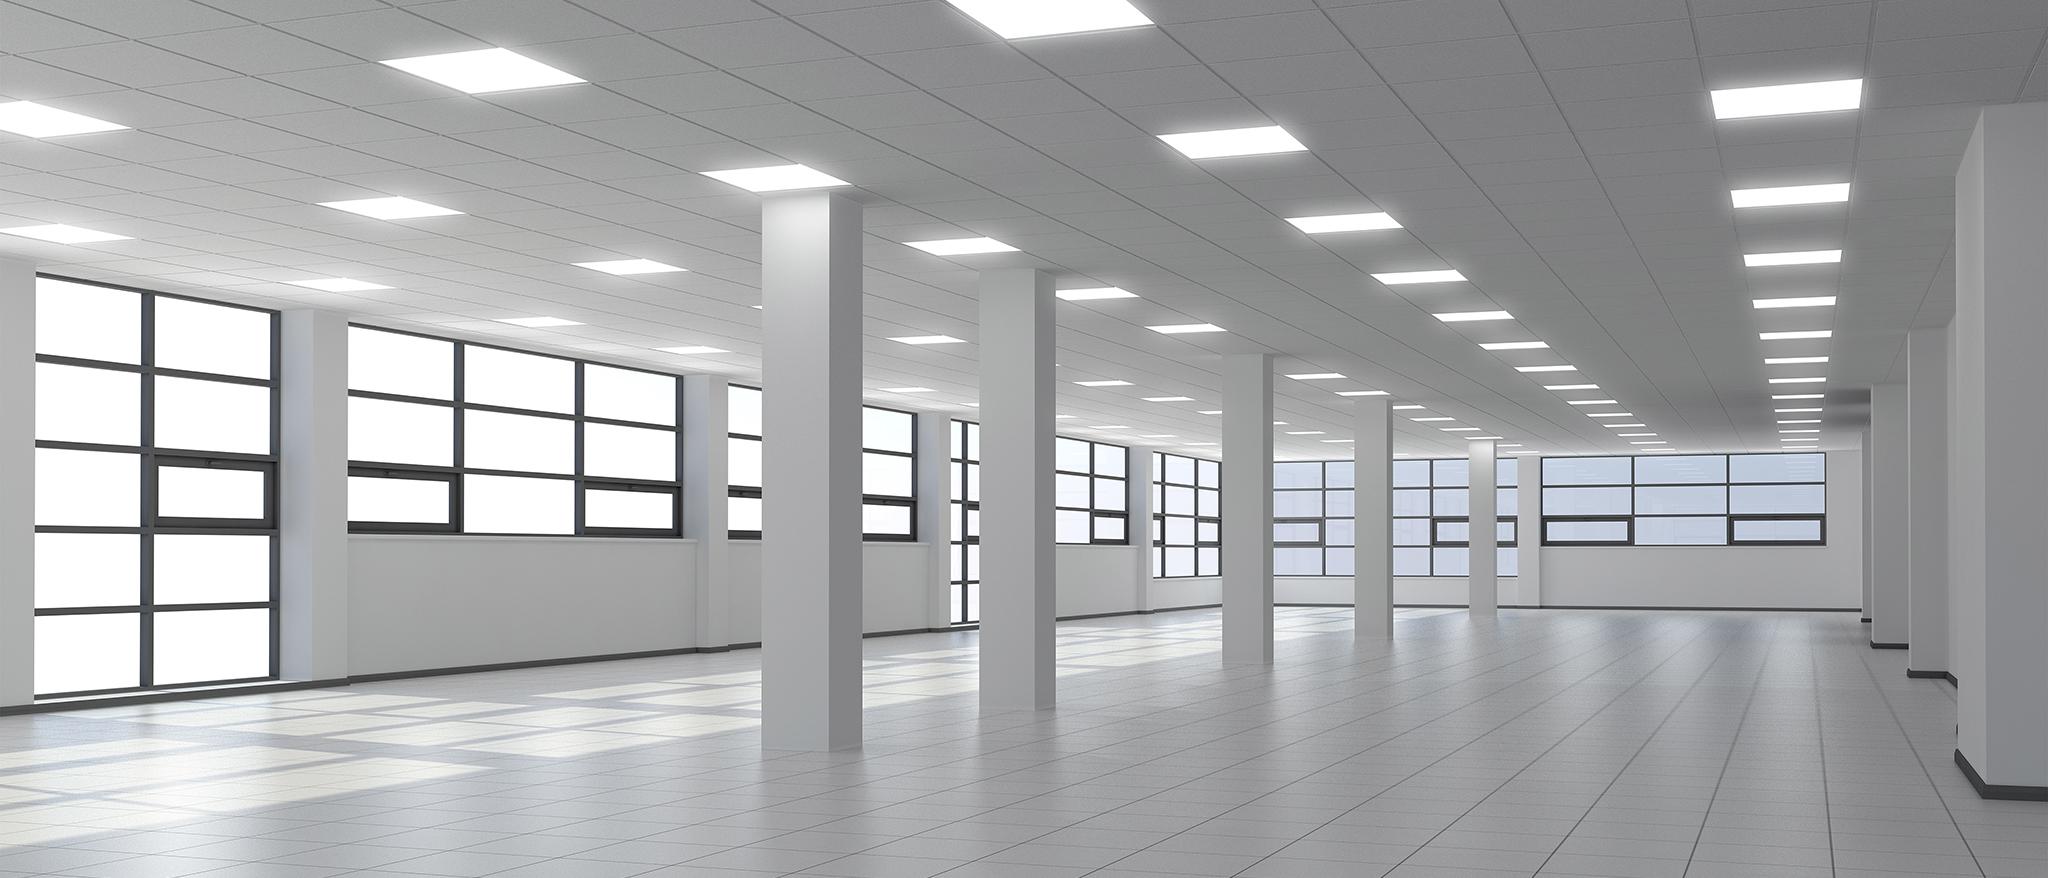 Billige LED paneler i højeste kvalitet